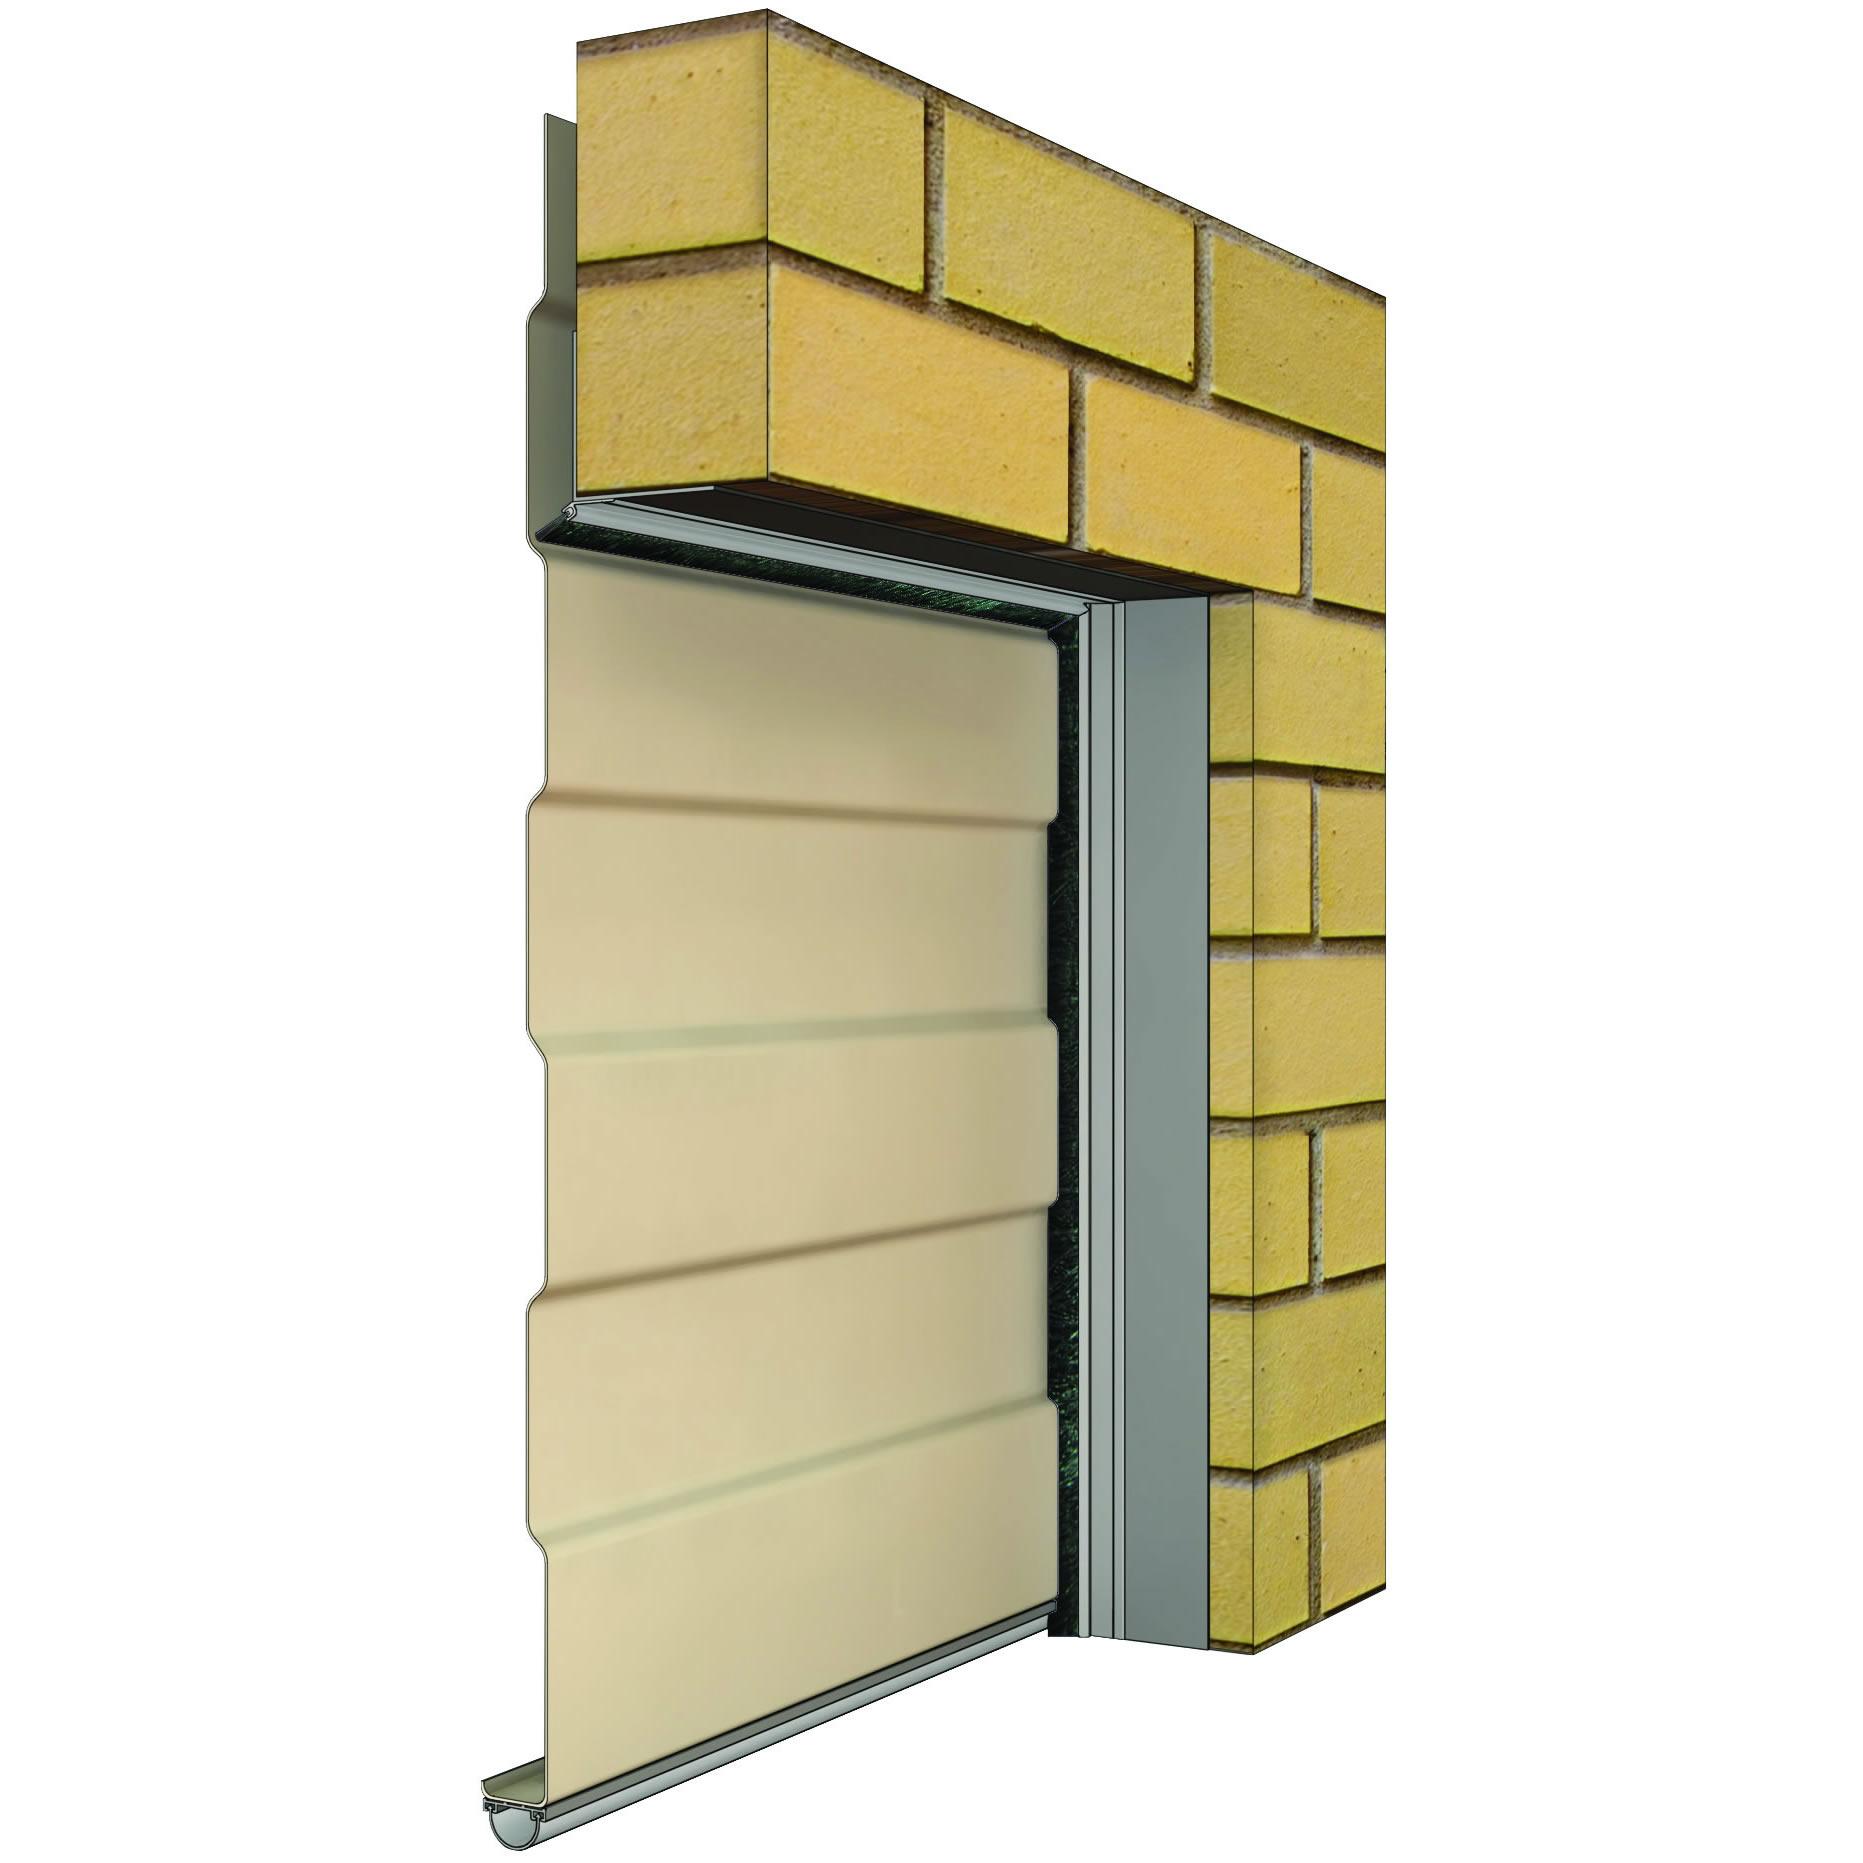 1863 #9B8530 IS5175A IS3020si For Metal Clad Garage Roller Door In Brickwork  picture/photo Metal Clad Exterior Doors 41091863